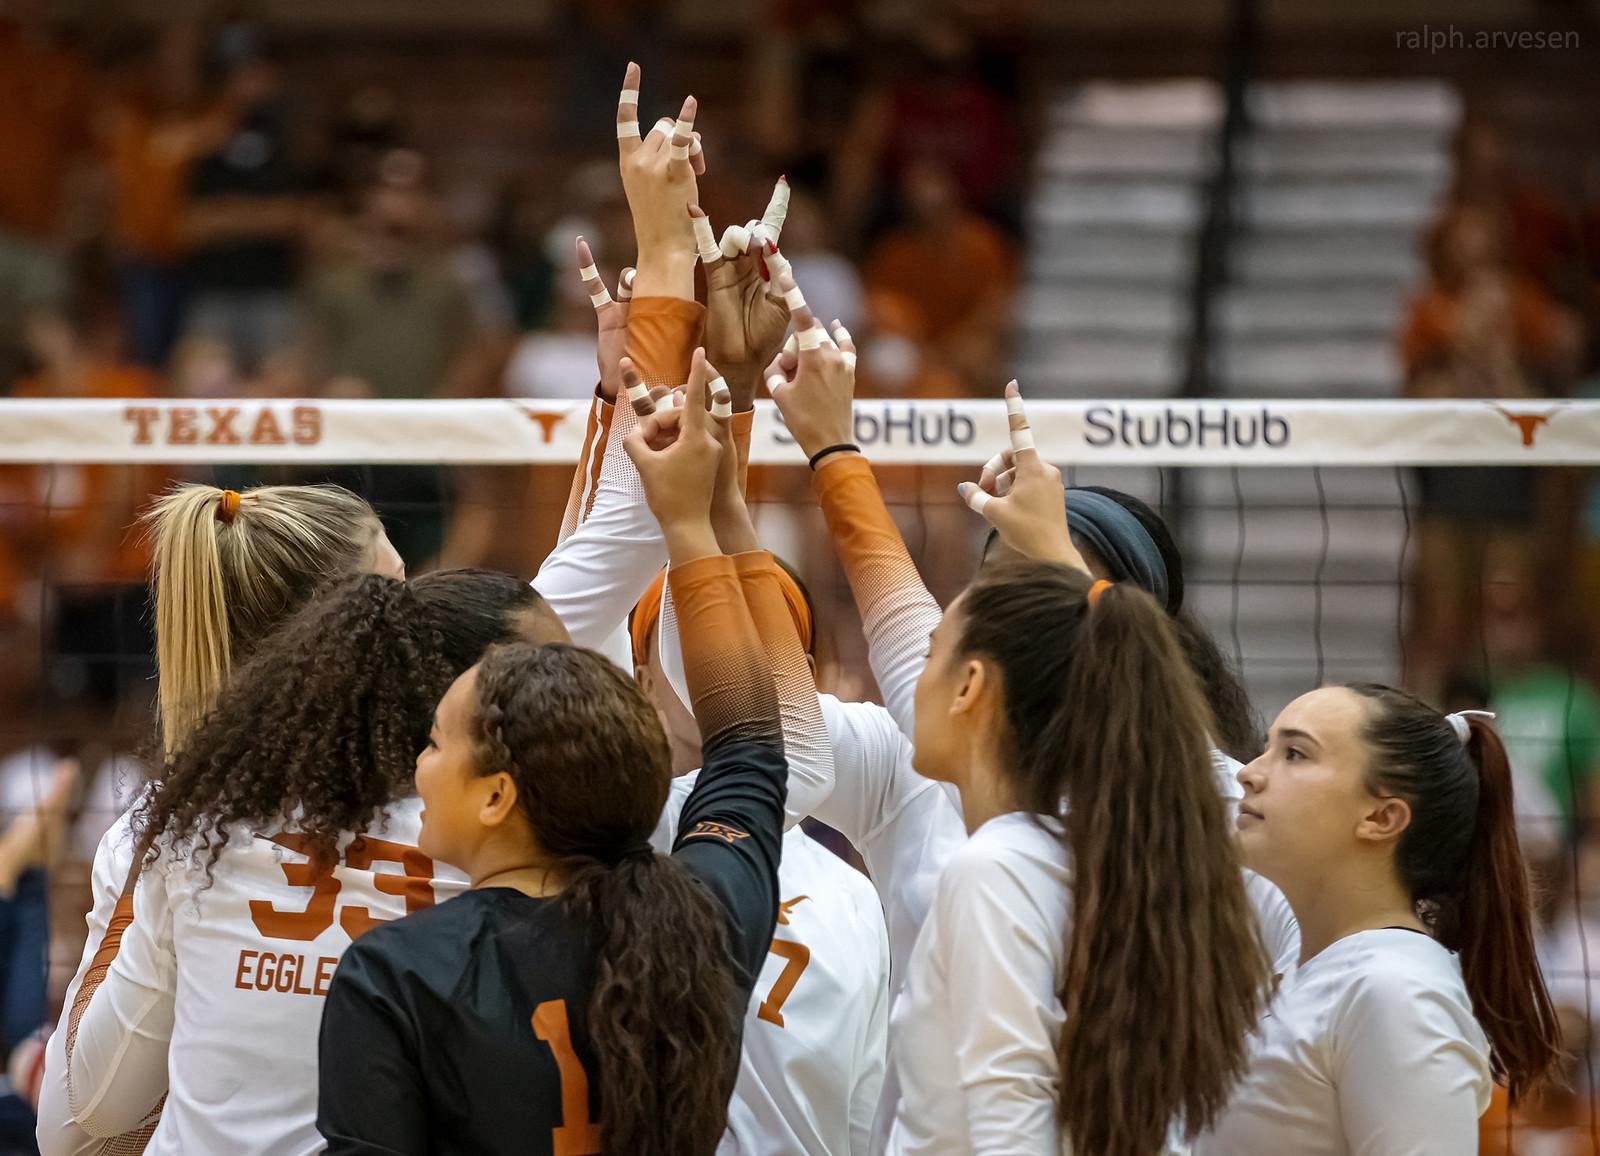 Texas Volleyball | Texas Review | Ralph Arvesen